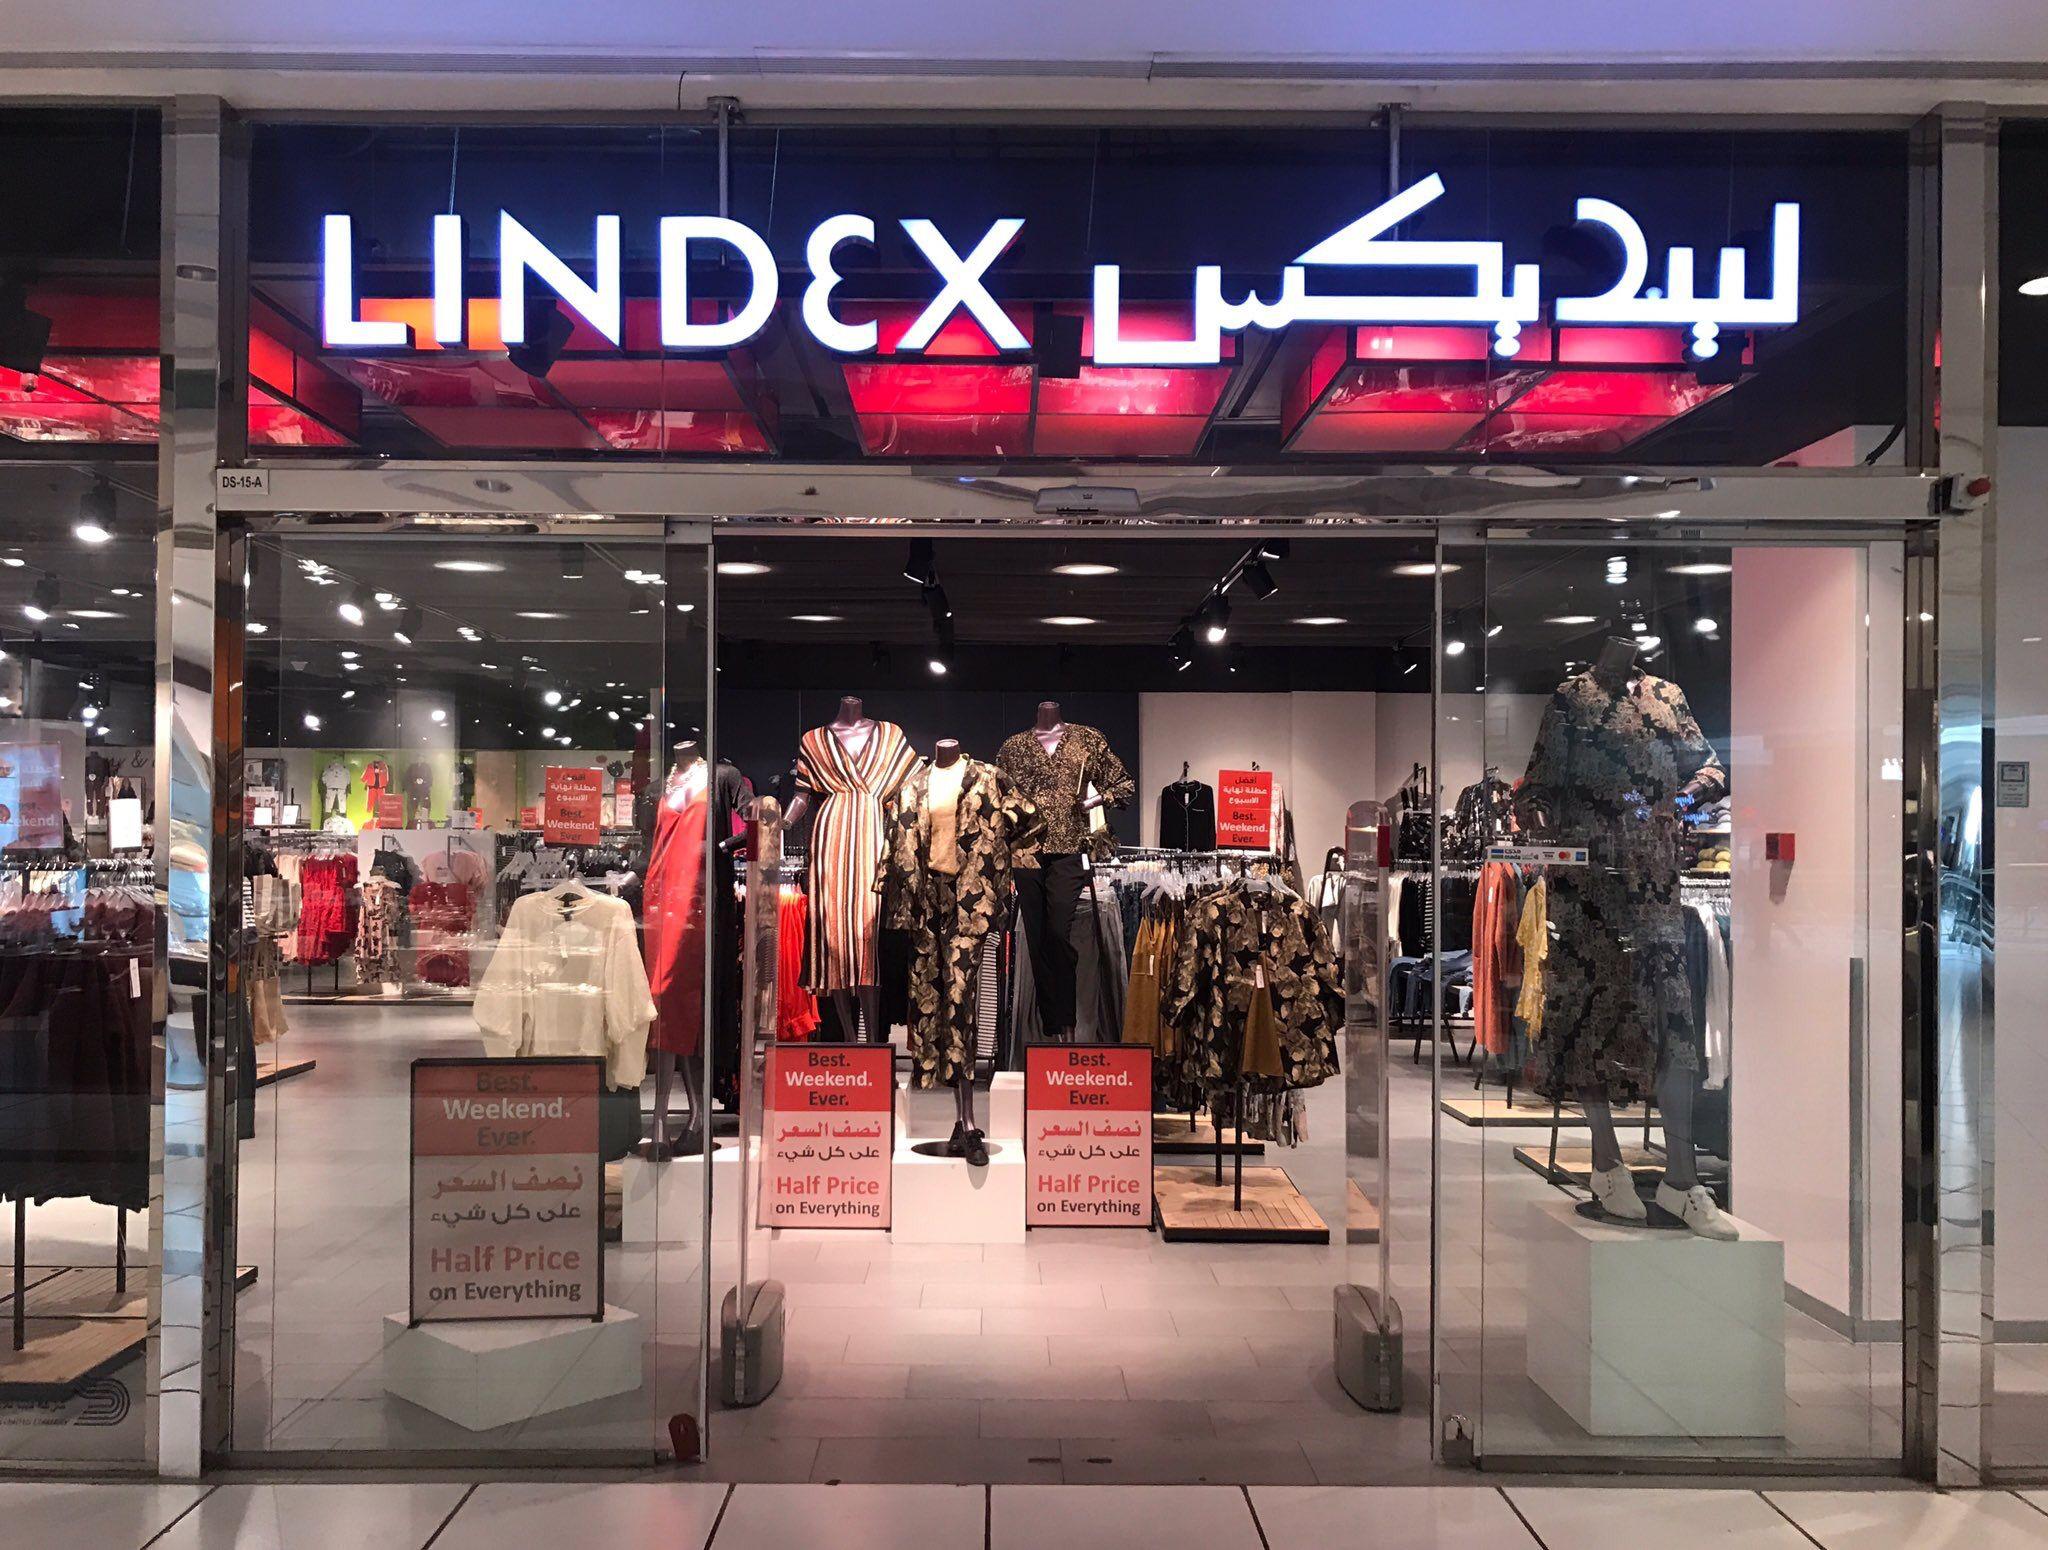 لينديكس Lindex Neon Signs Dex Everything